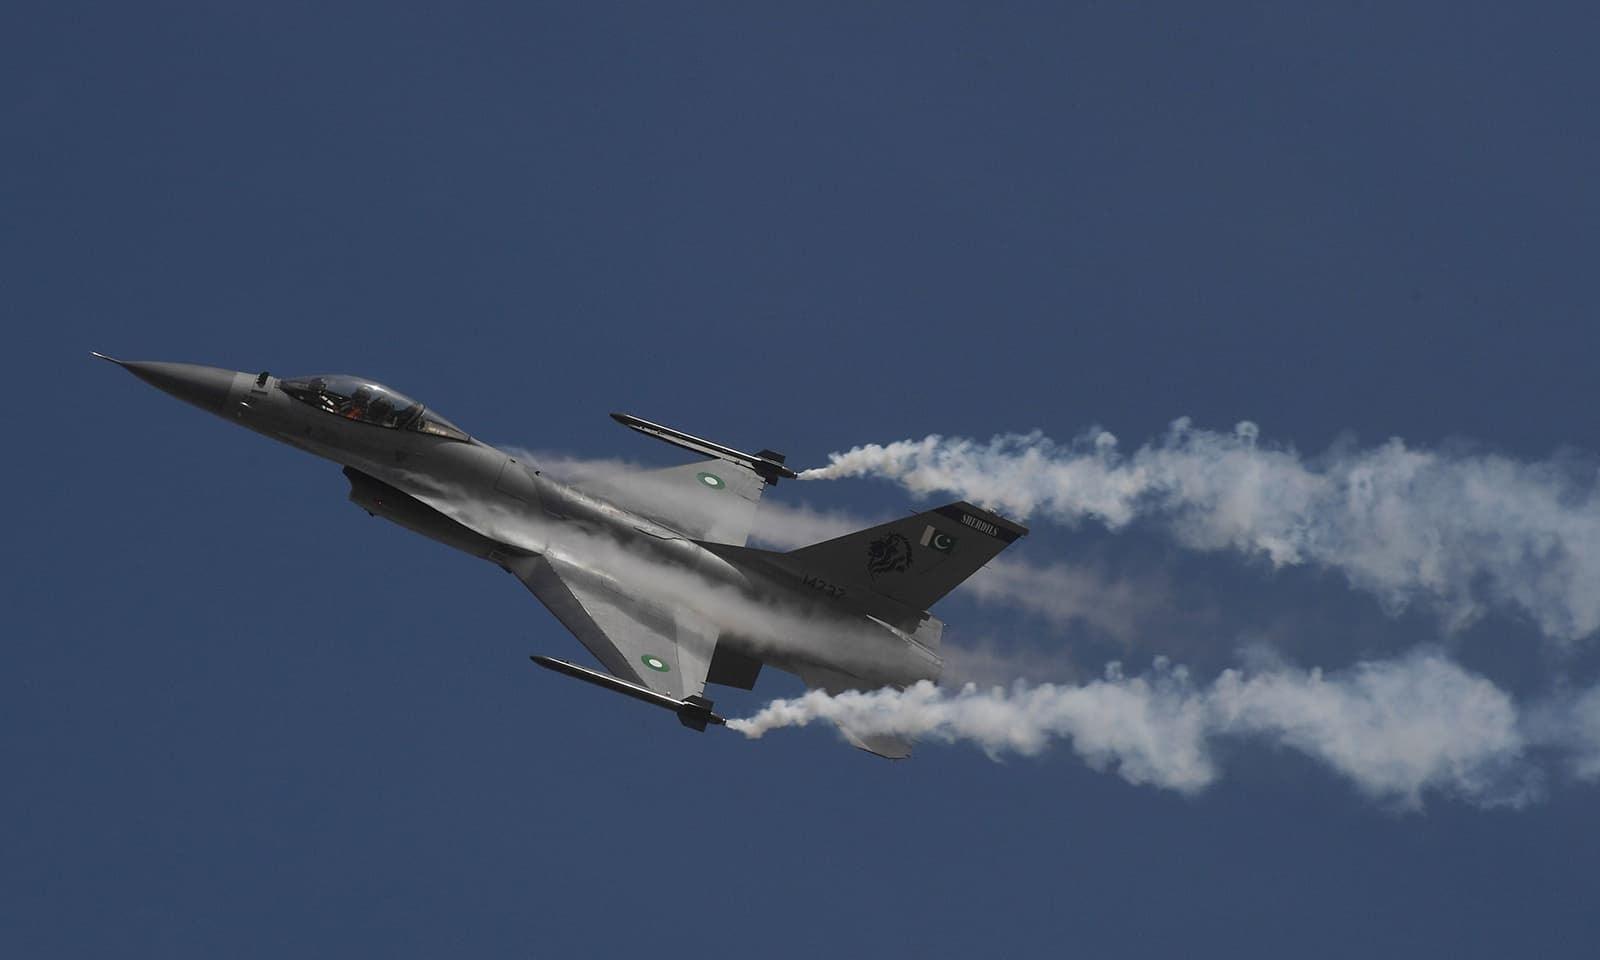 بھارتی طیاروں نے 27 فروری 2019 کو پاکستانی فضائی حدود کی پہلی مرتبہ خلاف ورزی نہیں کی—فوٹو: اے ایف پی